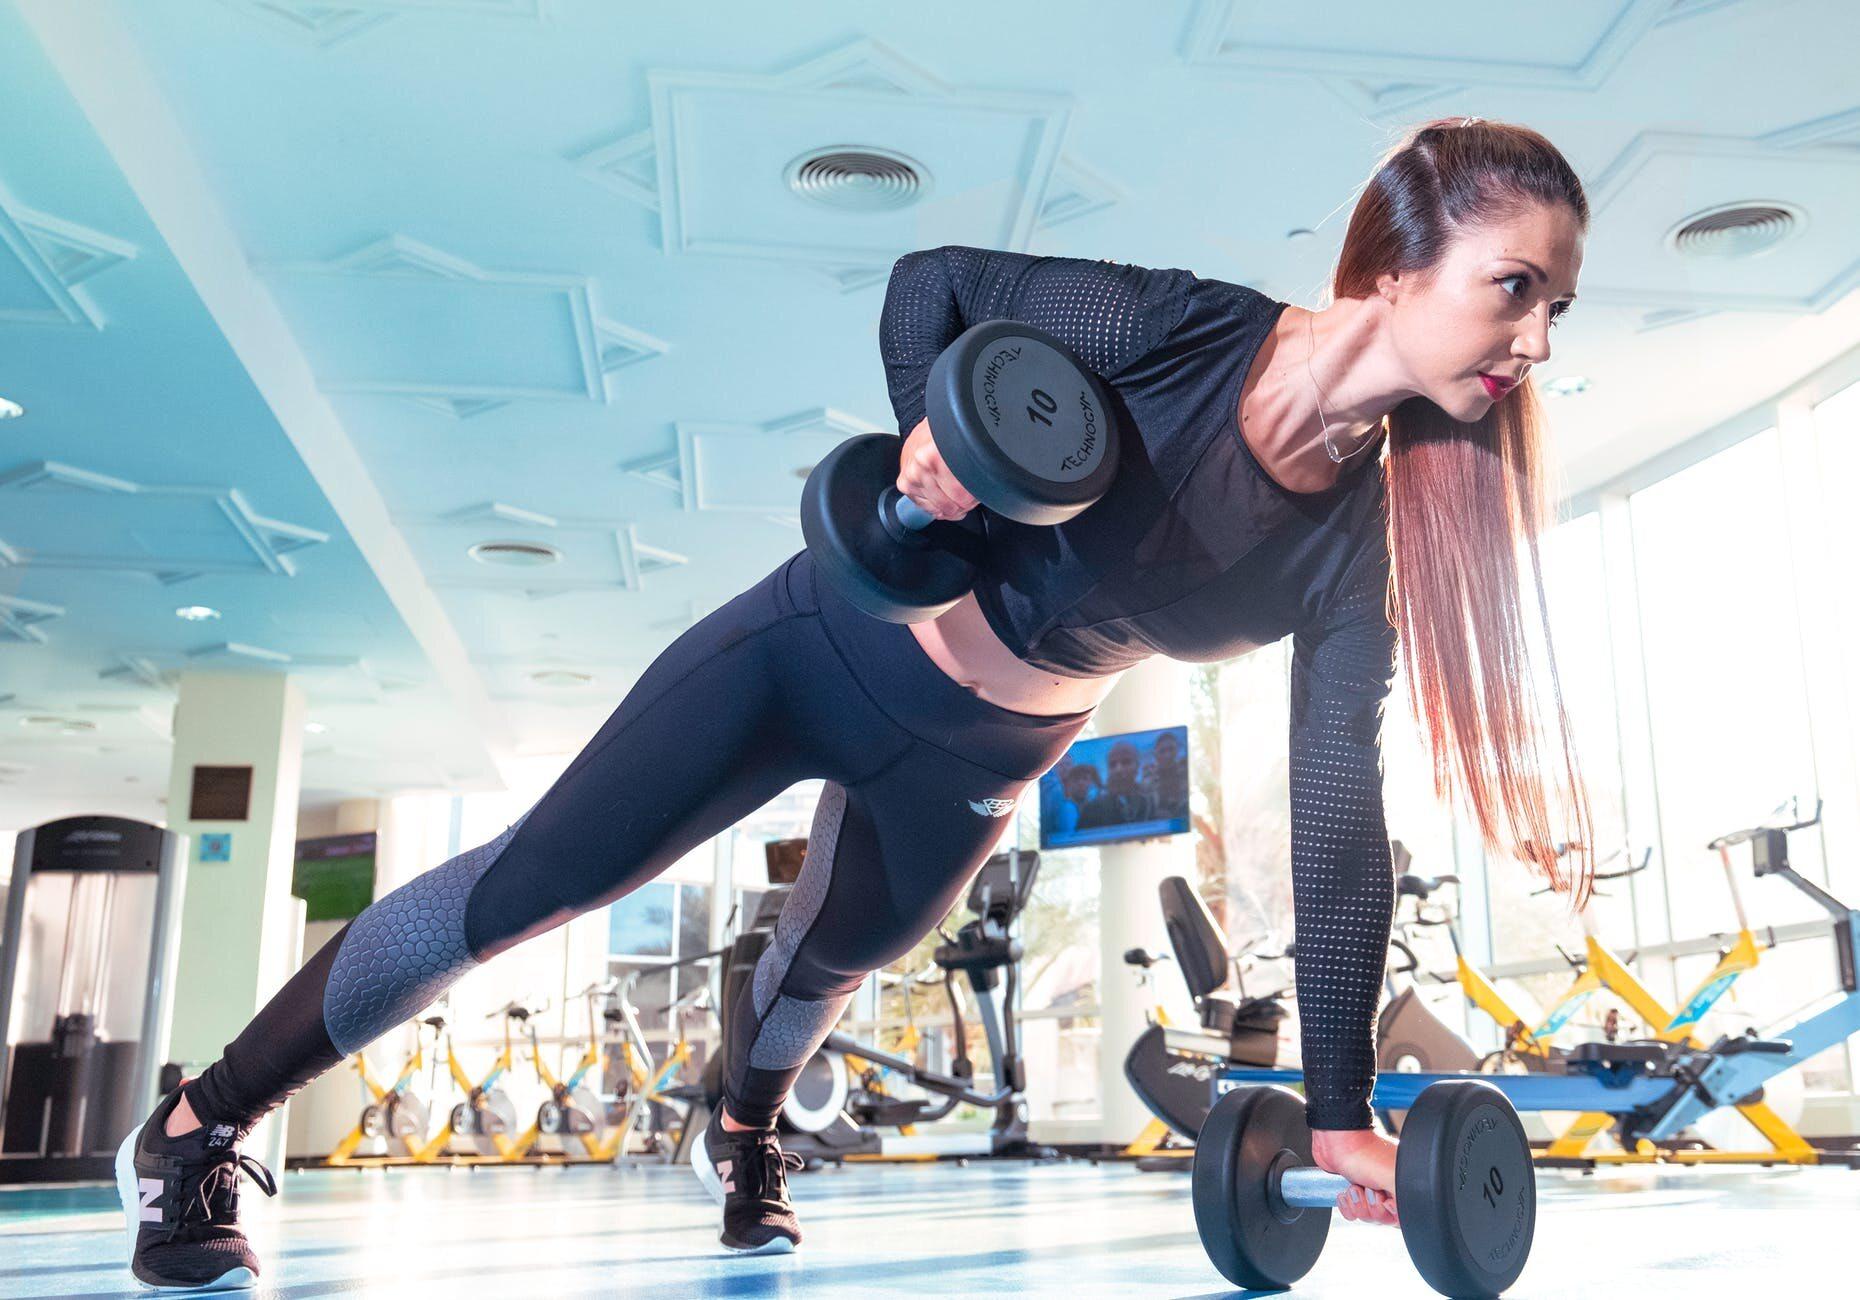 Efektywne odchudzanie - 10 przykazań jak skutecznie schudnąć - sunela.eu